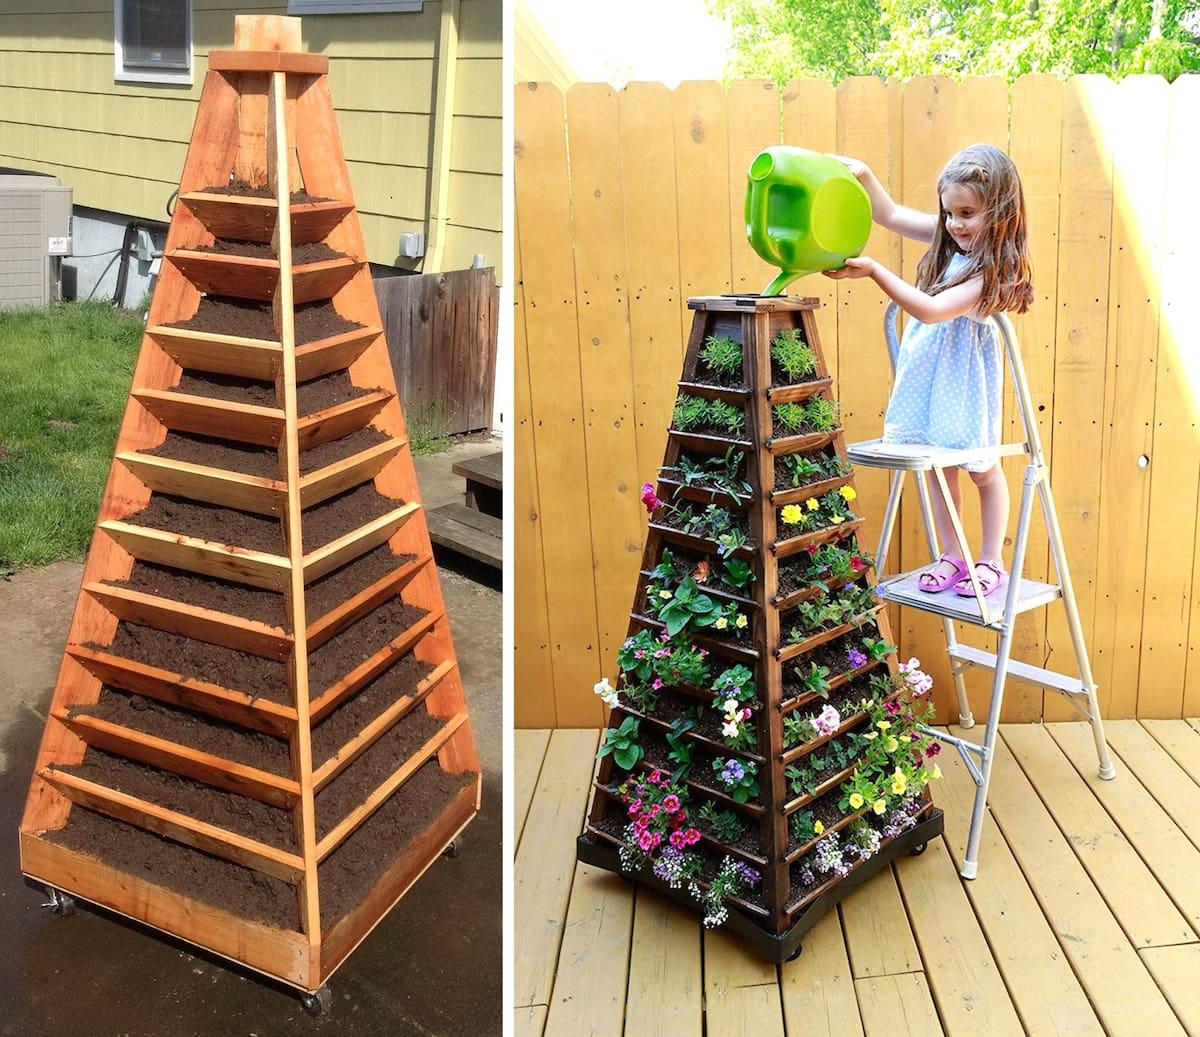 Необычная деревянная клумба выполненная в виде четырехугольной пирамиды понравиться не только вам, но и вашим детям